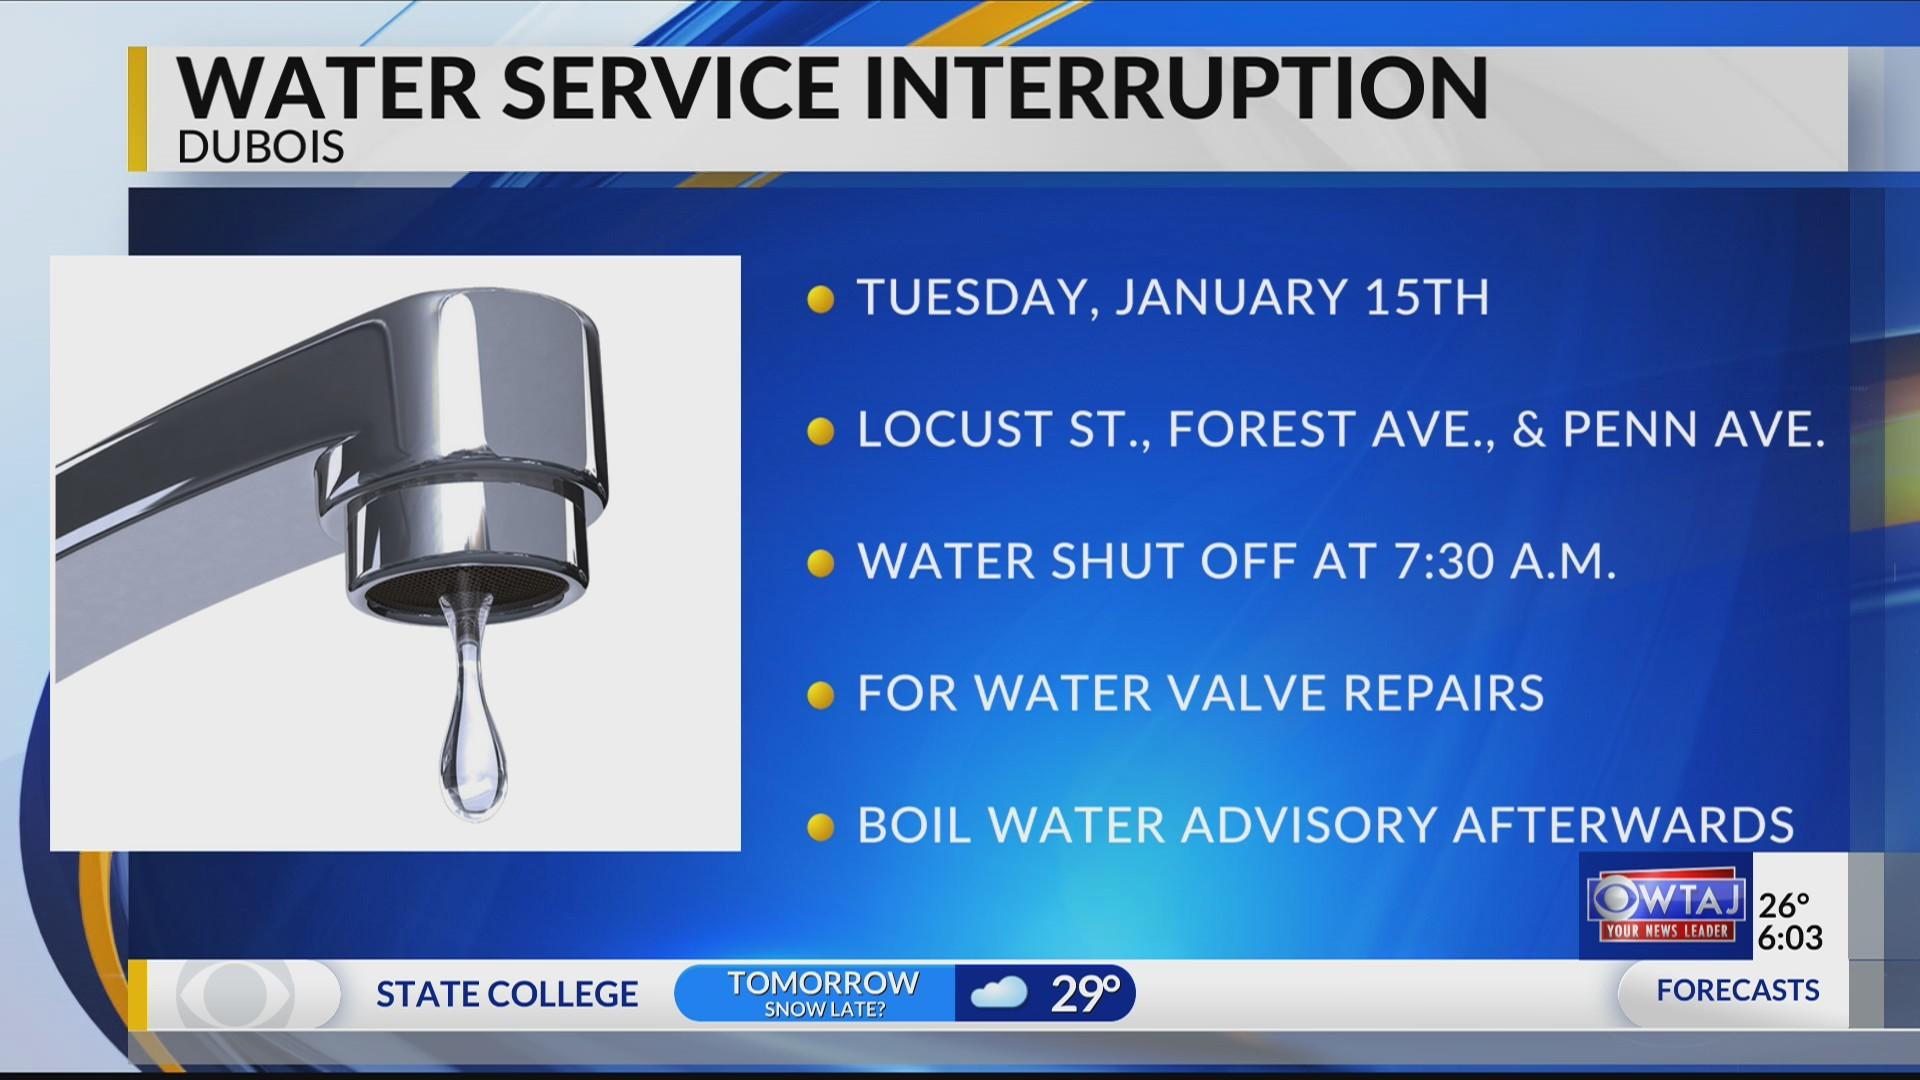 Water_service_interruption_in_DuBois_0_20190111231121